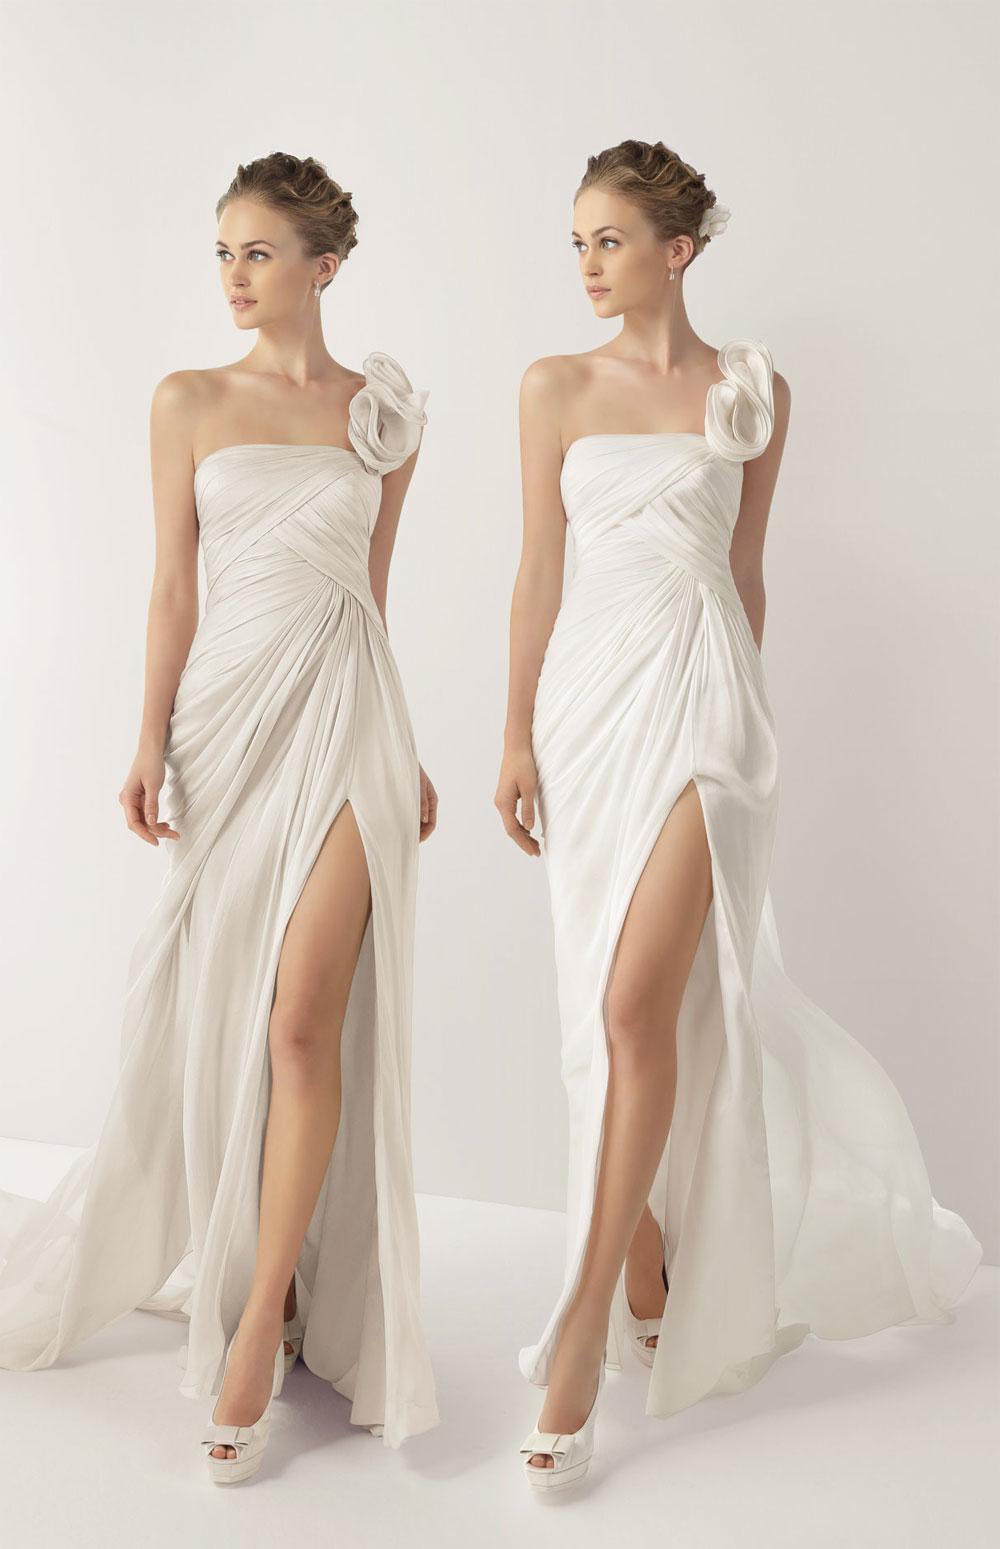 Vestidos de fiesta  Más fotos de vestidos de novia ae000afd37f6